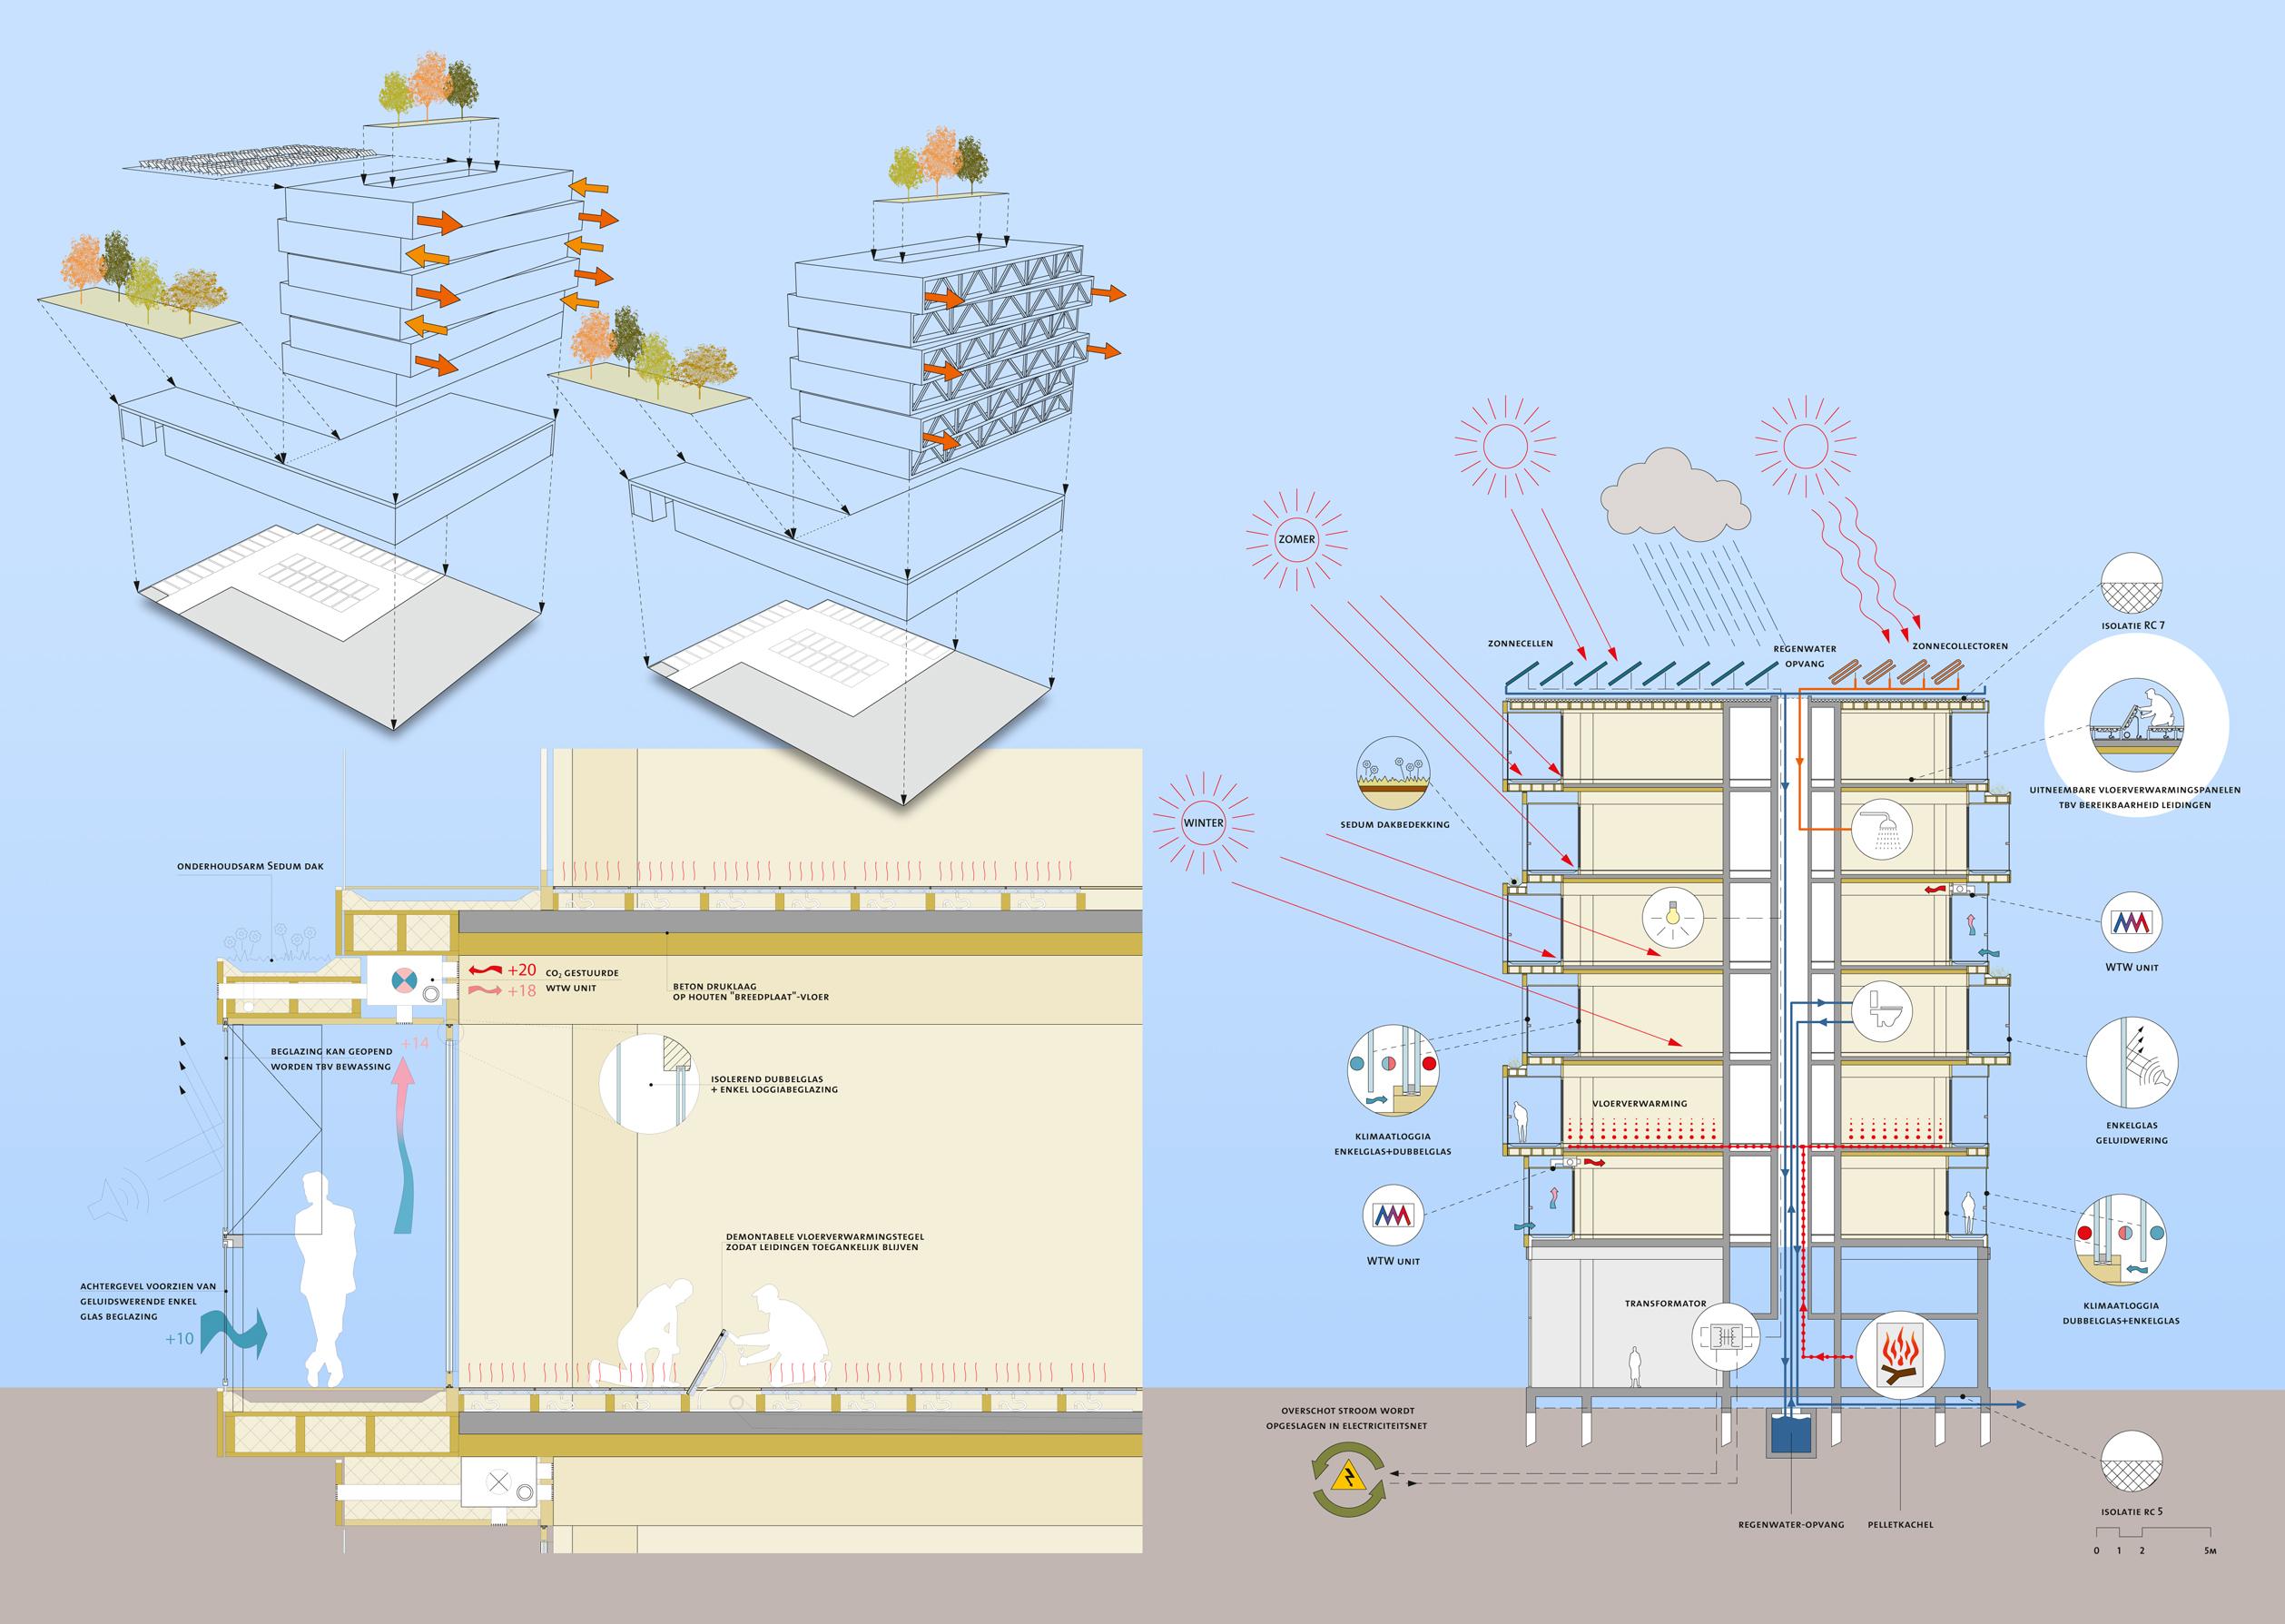 Hoogste houten gebouw van Nederland Illustratie